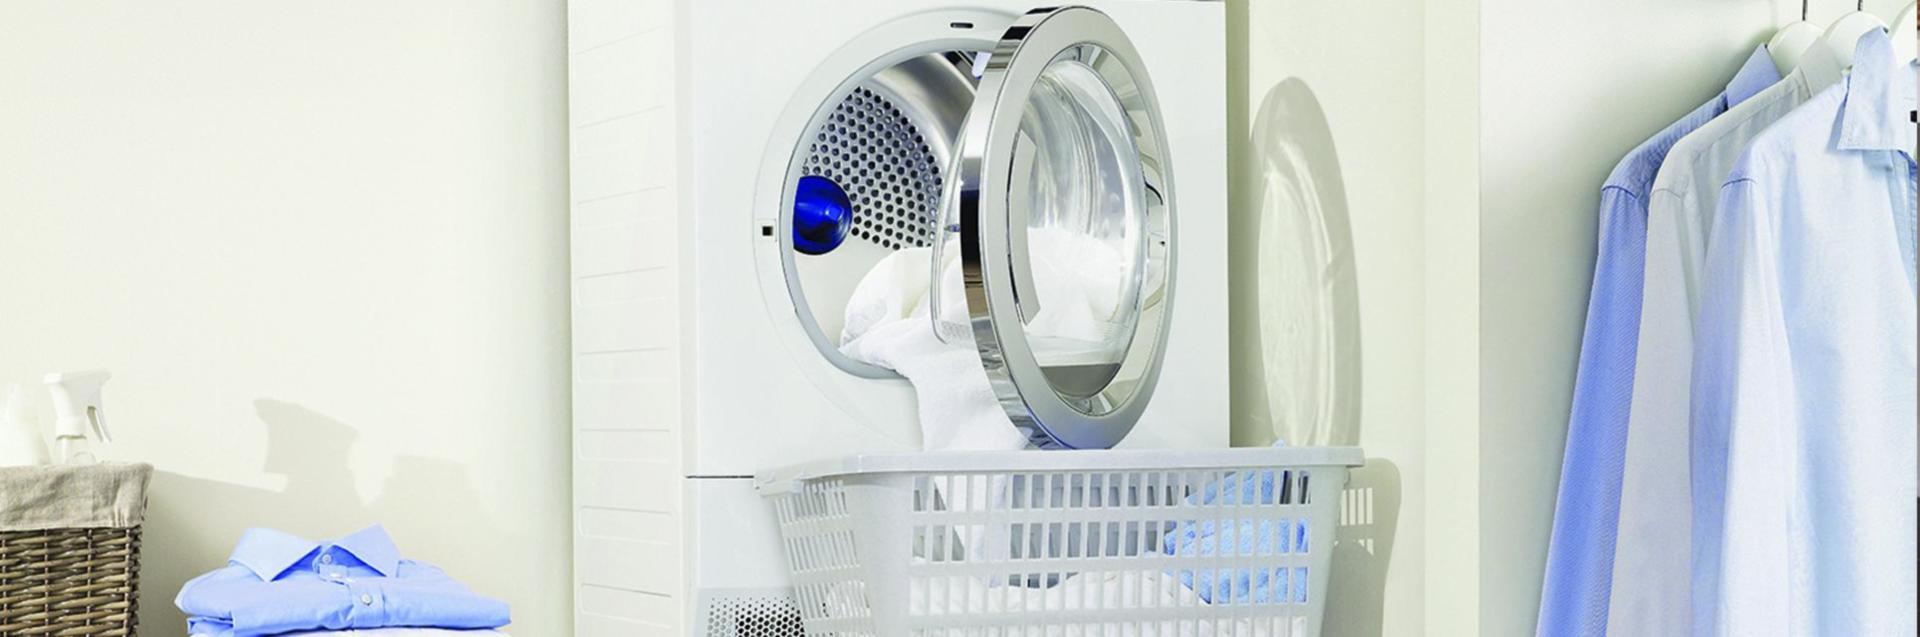 Servicio técnico secadoras siemens